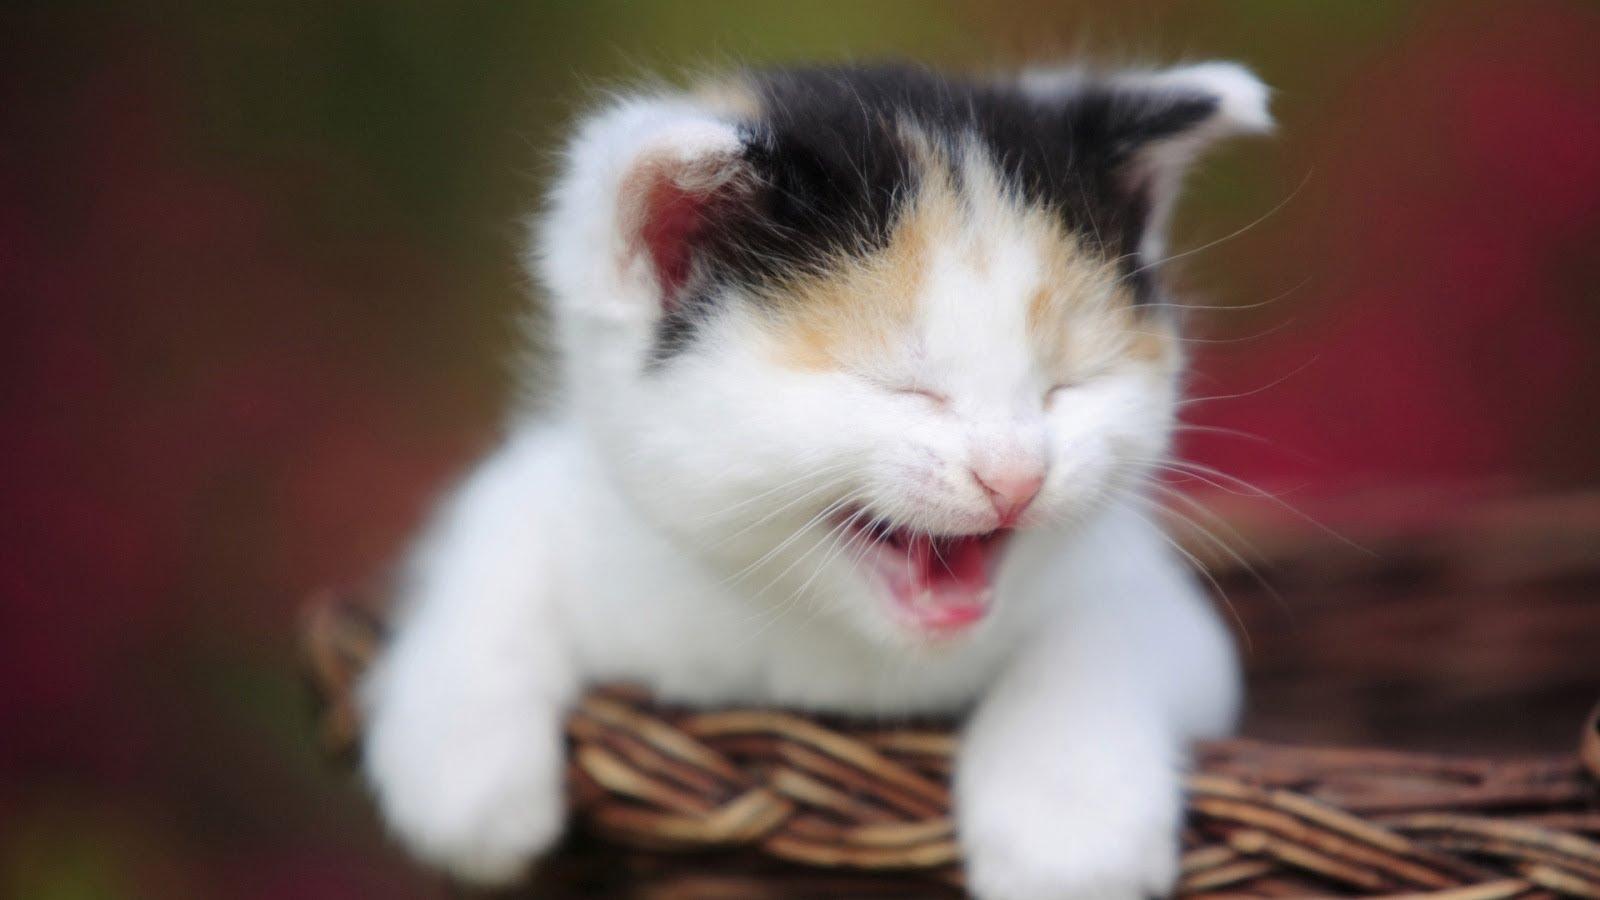 بالصور اجمل الصور للقطط في العالم , صور جميله للقطط حول العالم 4700 2